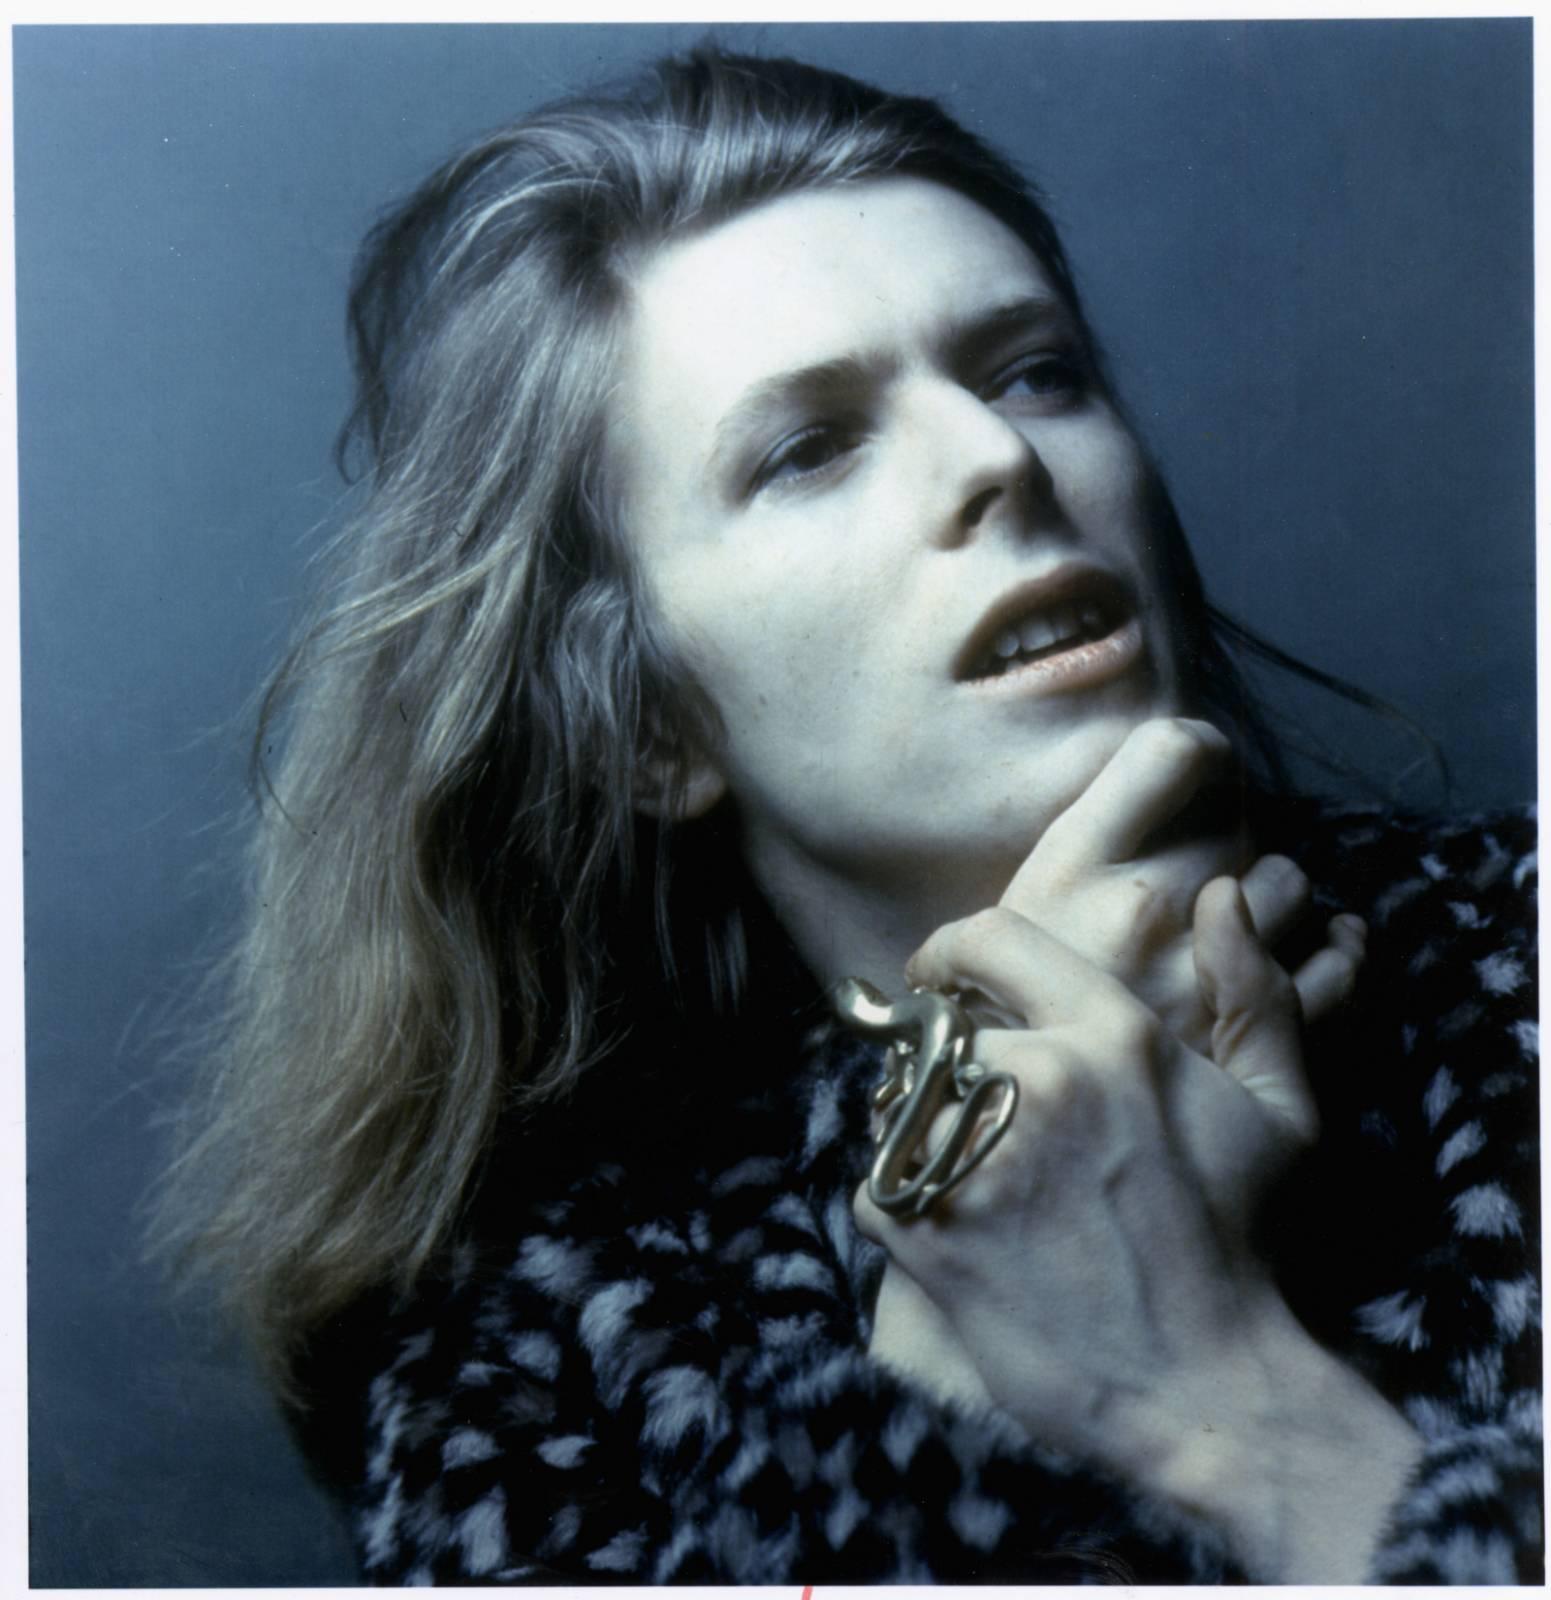 ROZHOVOR | David Bowie: Brian Eno měl pravdu, definitivně jsme zavraždili šedesátá léta